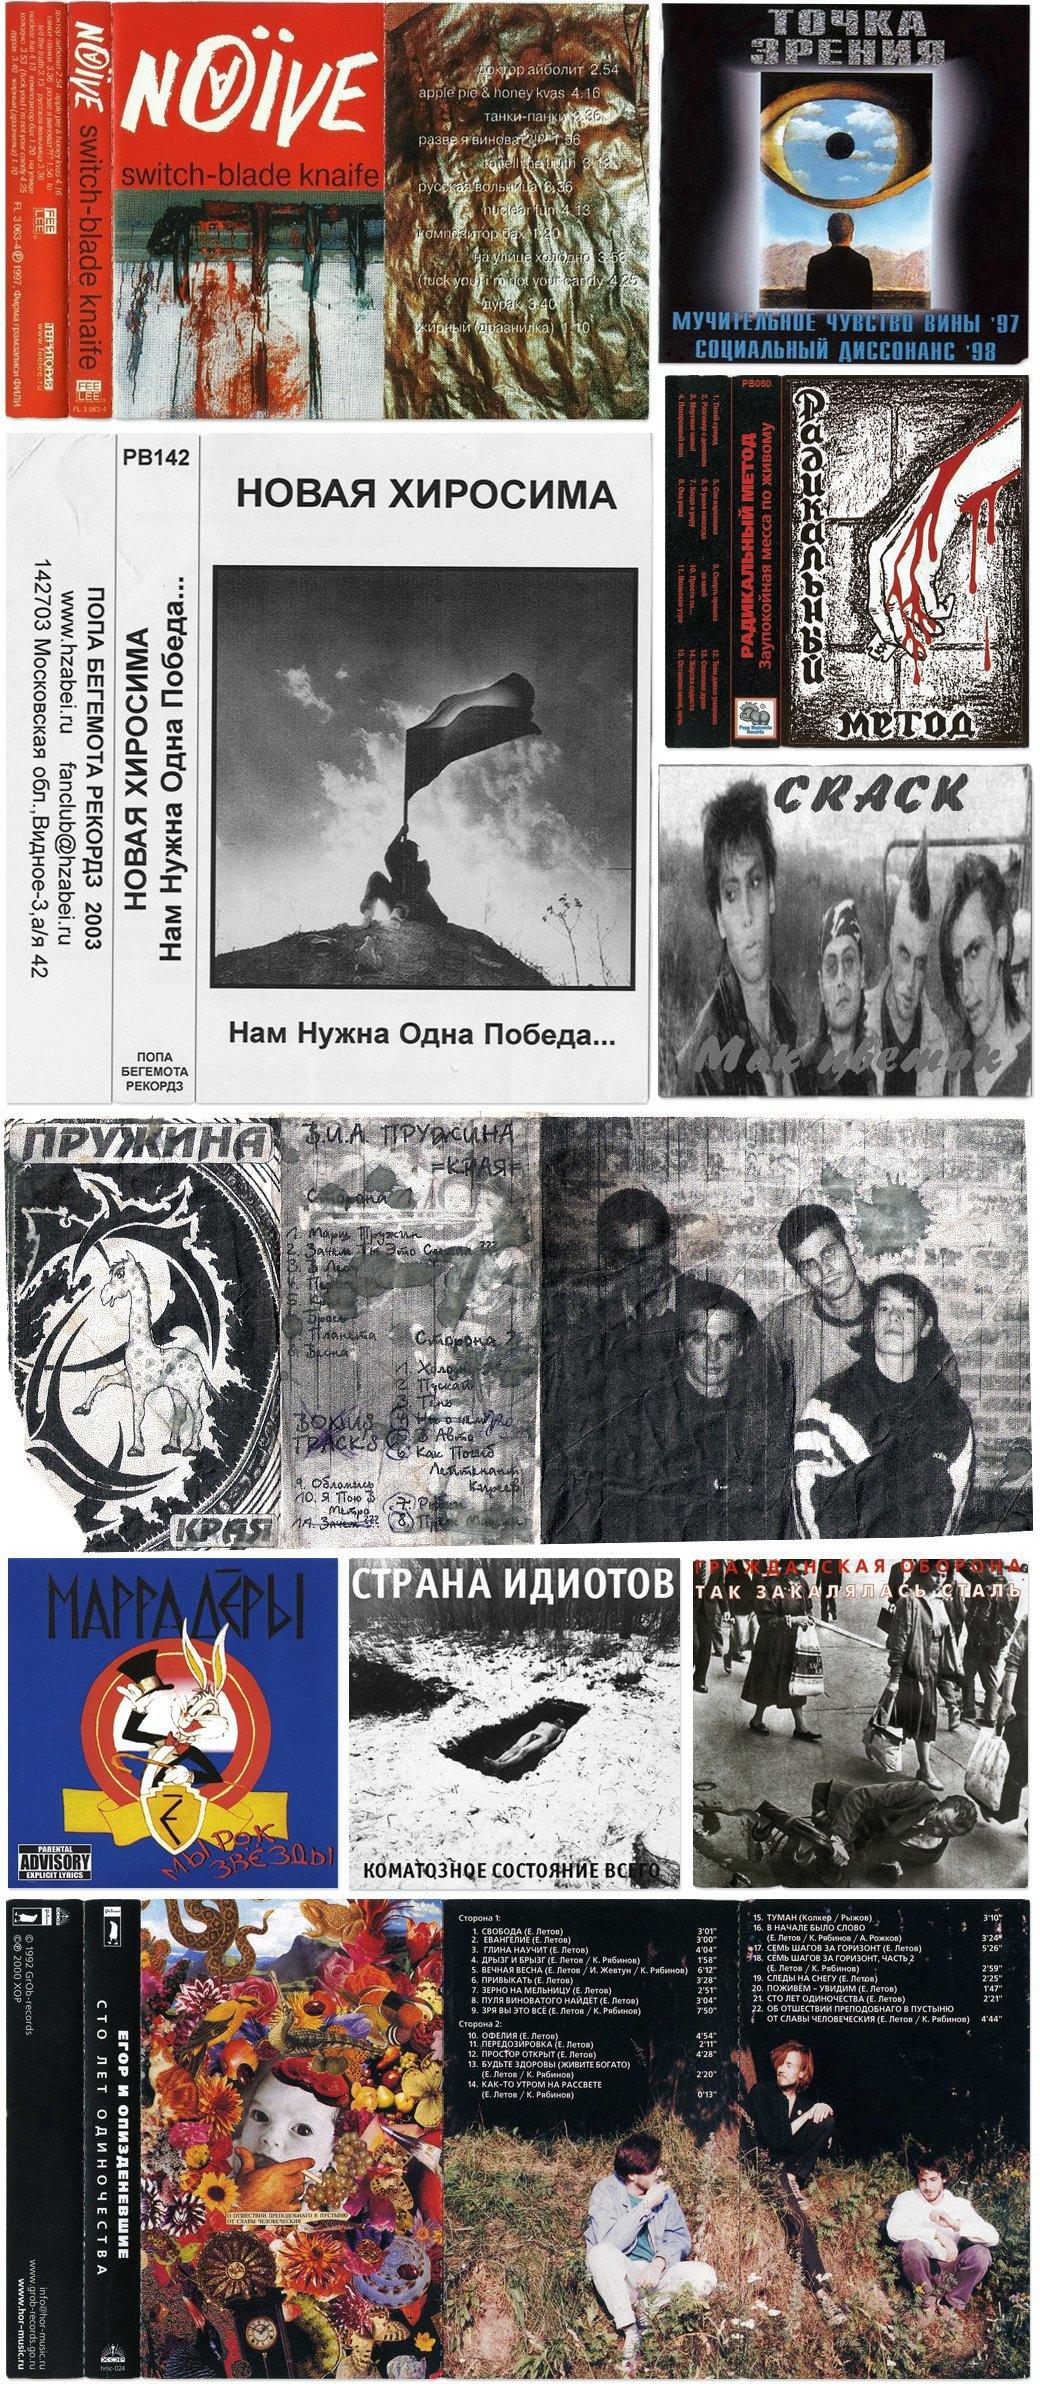 Обложки альбомов золотой эры русского панк-рока . Изображение № 3.